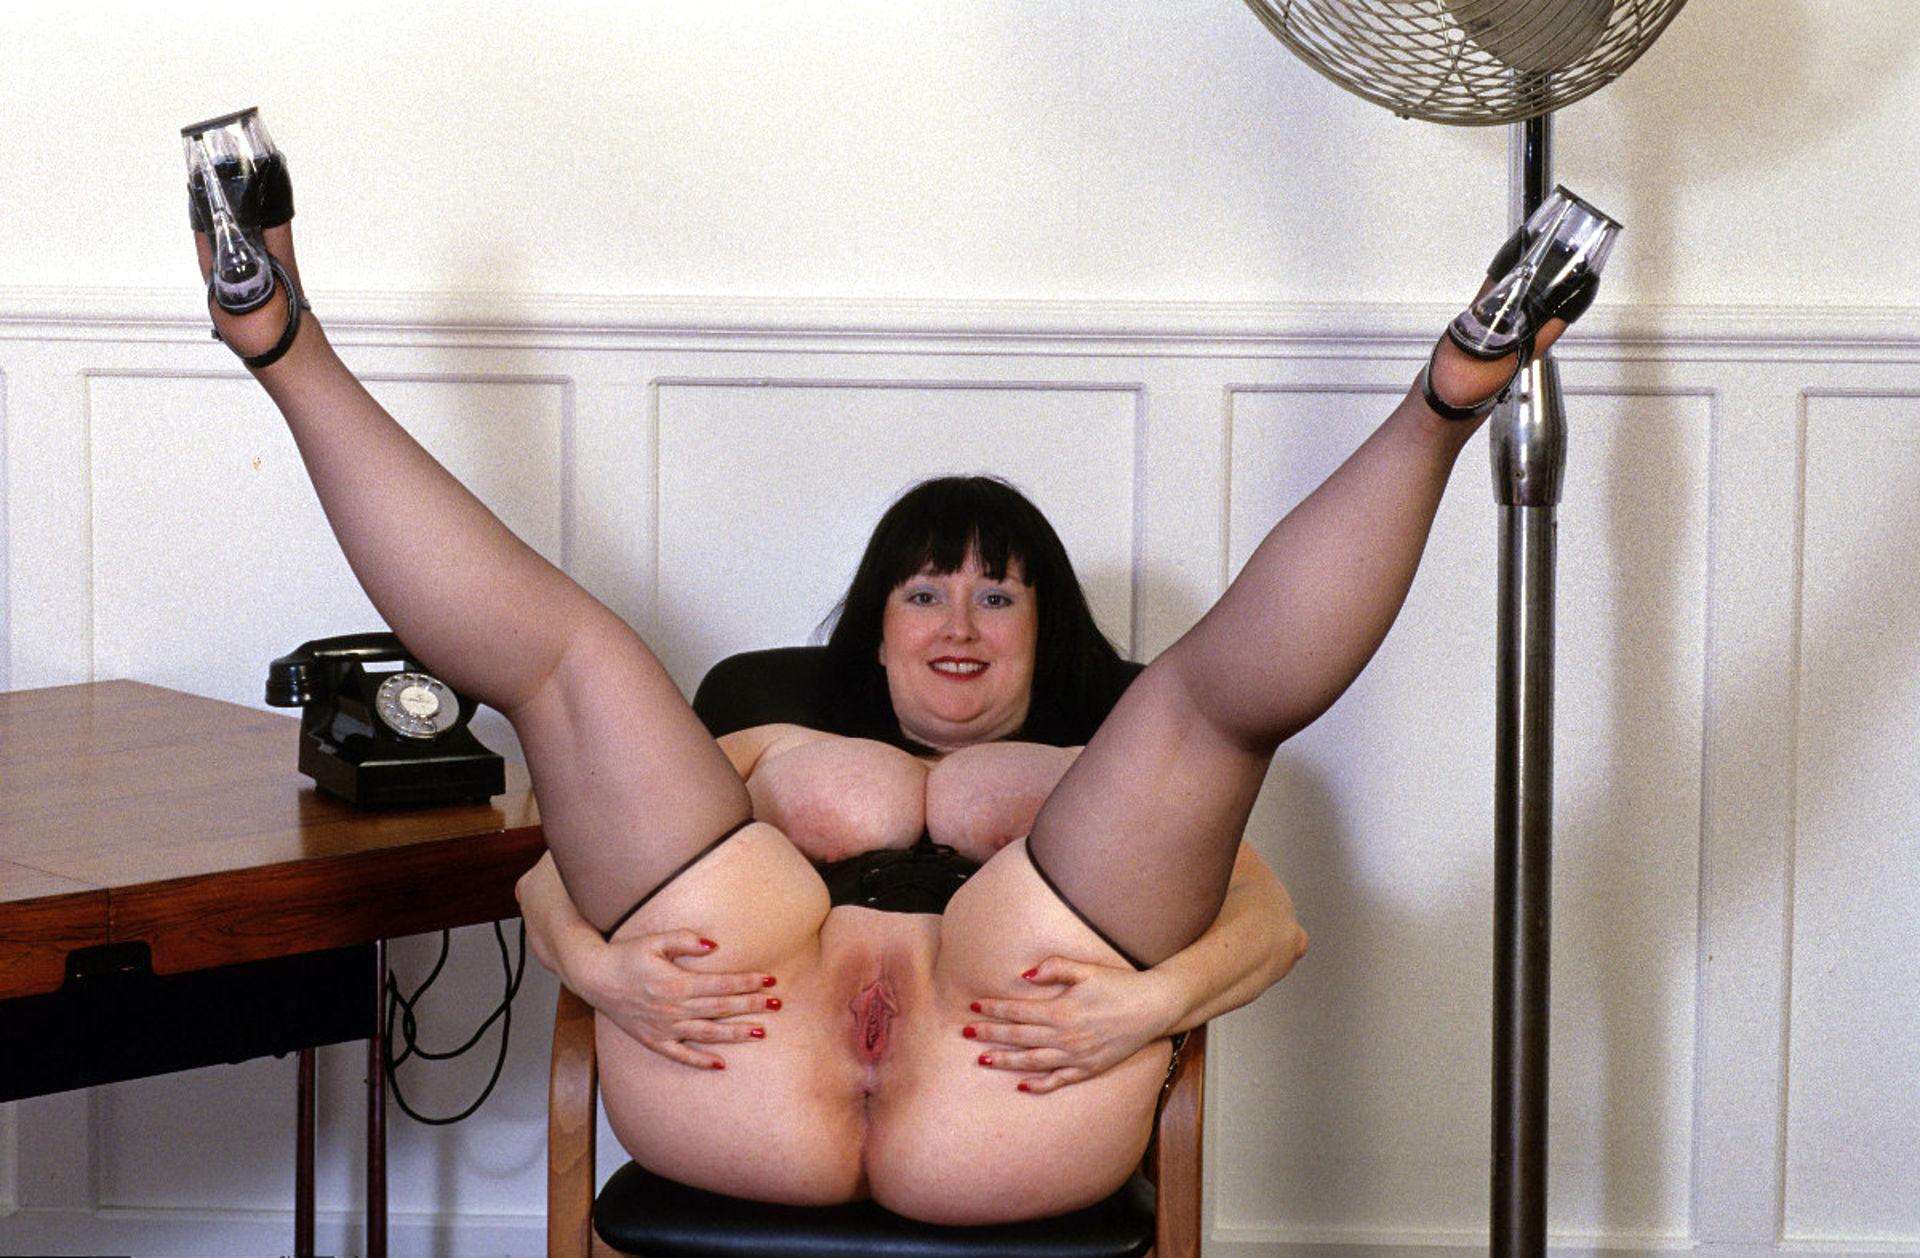 хотела немецкое порно фото толстушек том, как